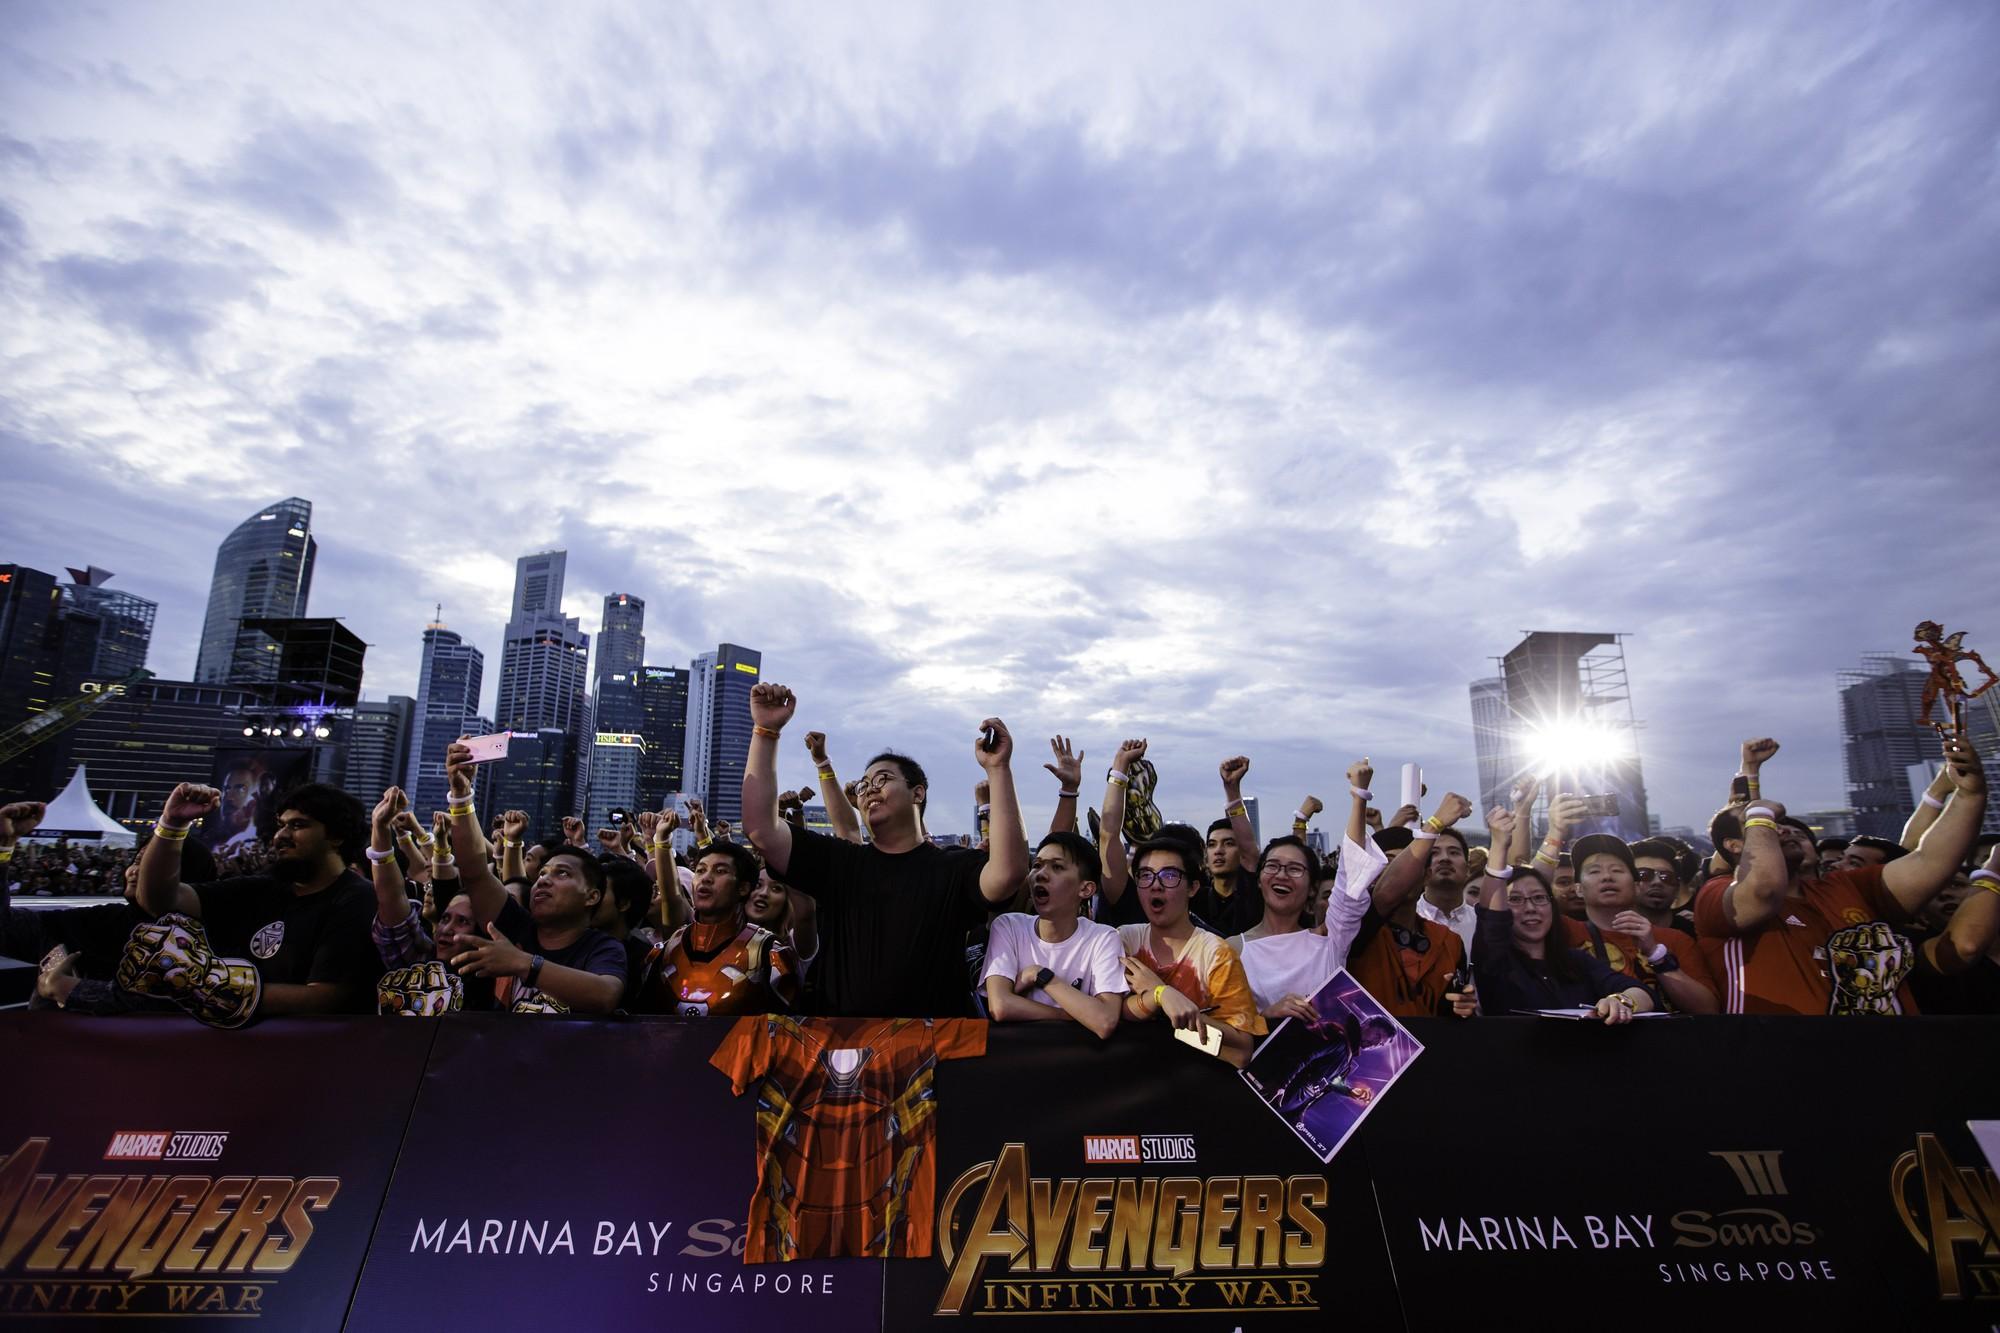 Đôi bạn Phở và JVevermind dắt díu nhau triệu tập biệt đội Avengers trước thềm Infinity War - ảnh 4